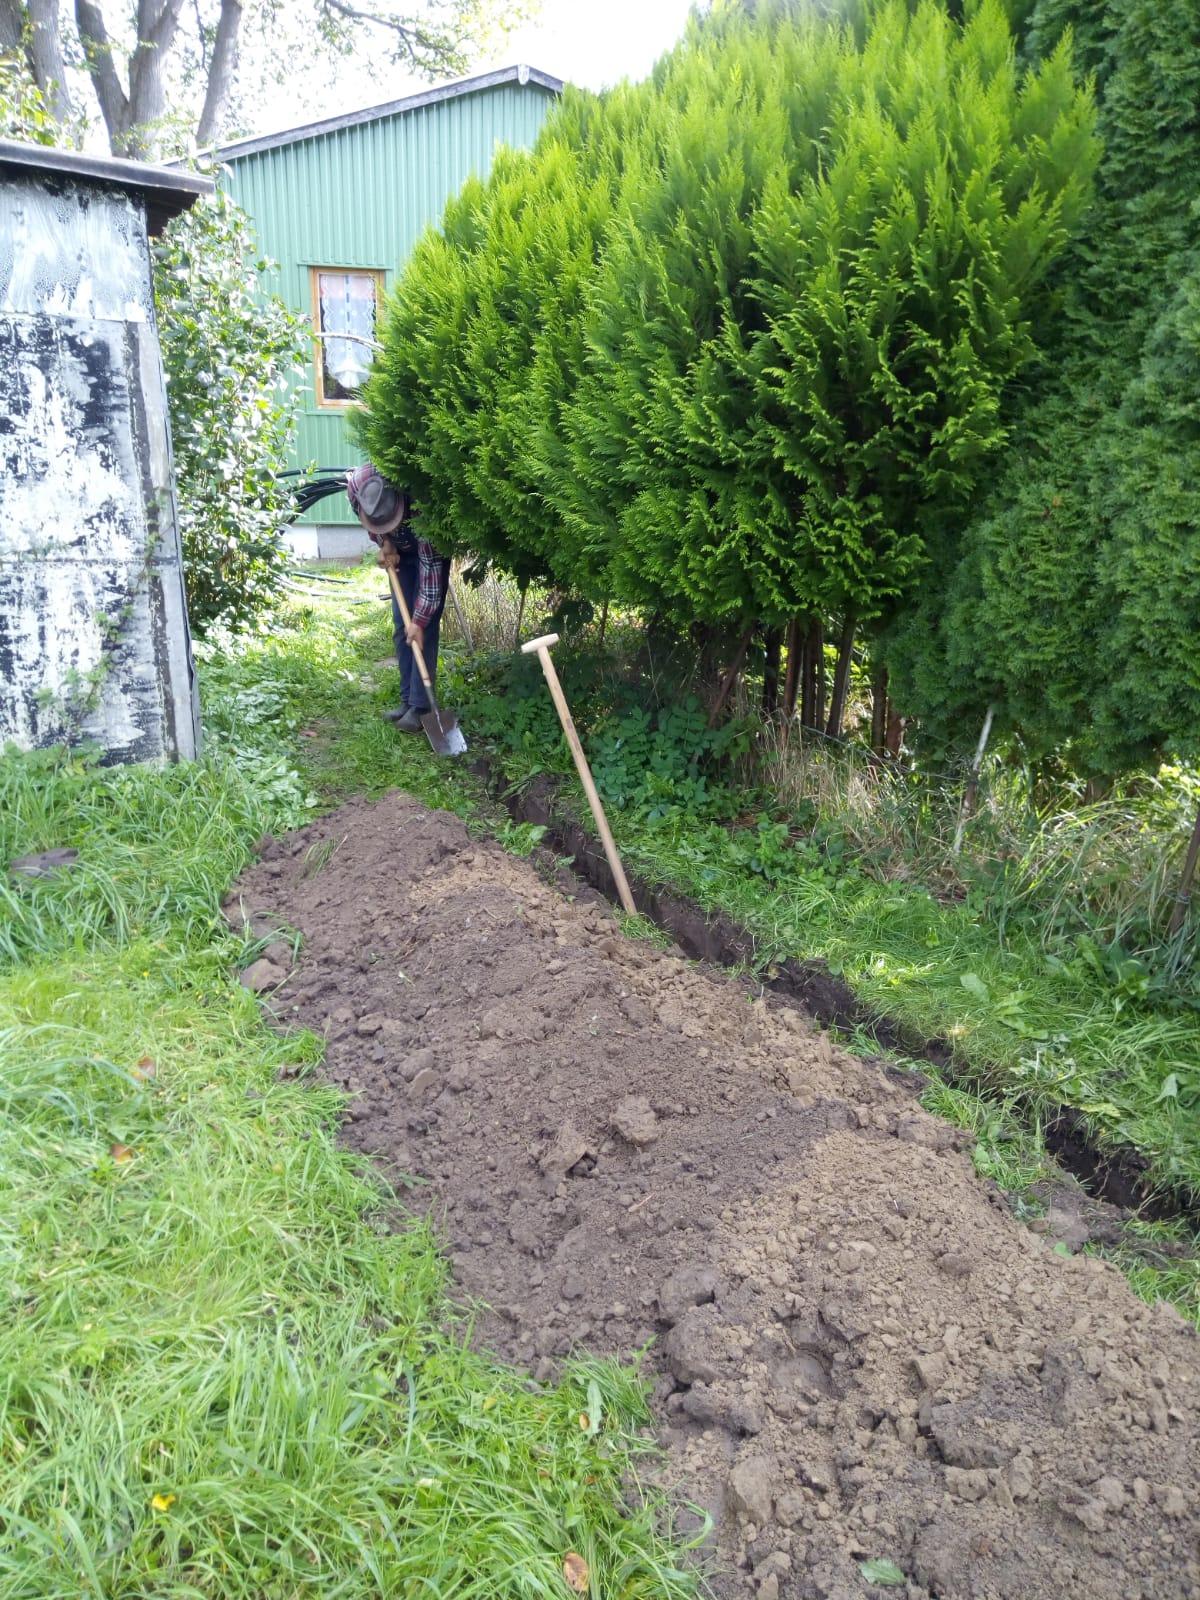 Arbeiten am Leck Wasserleitung im Garten 23